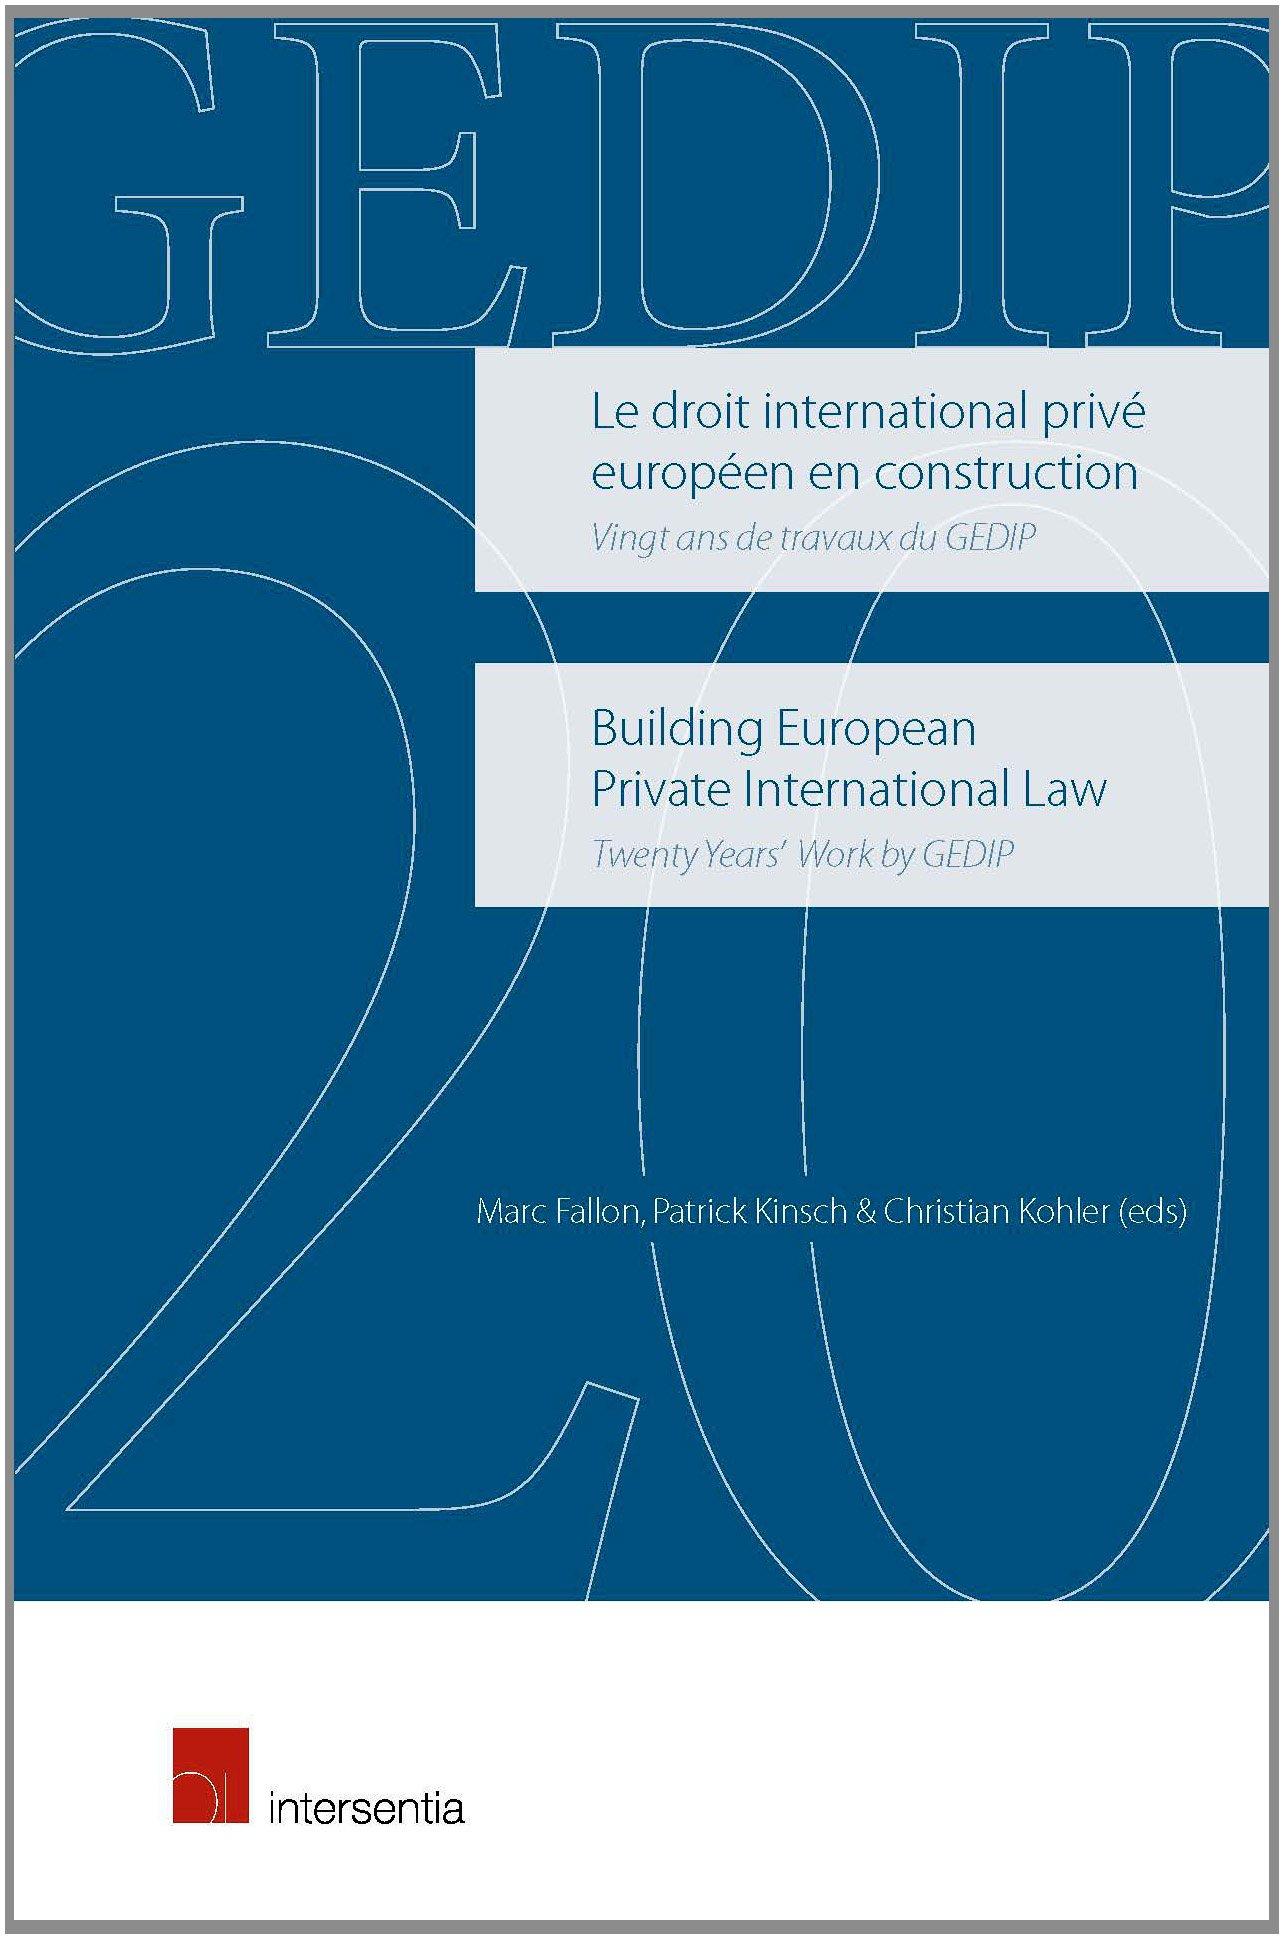 Building European Private International Law. Twenty Years' Work by GEDIP